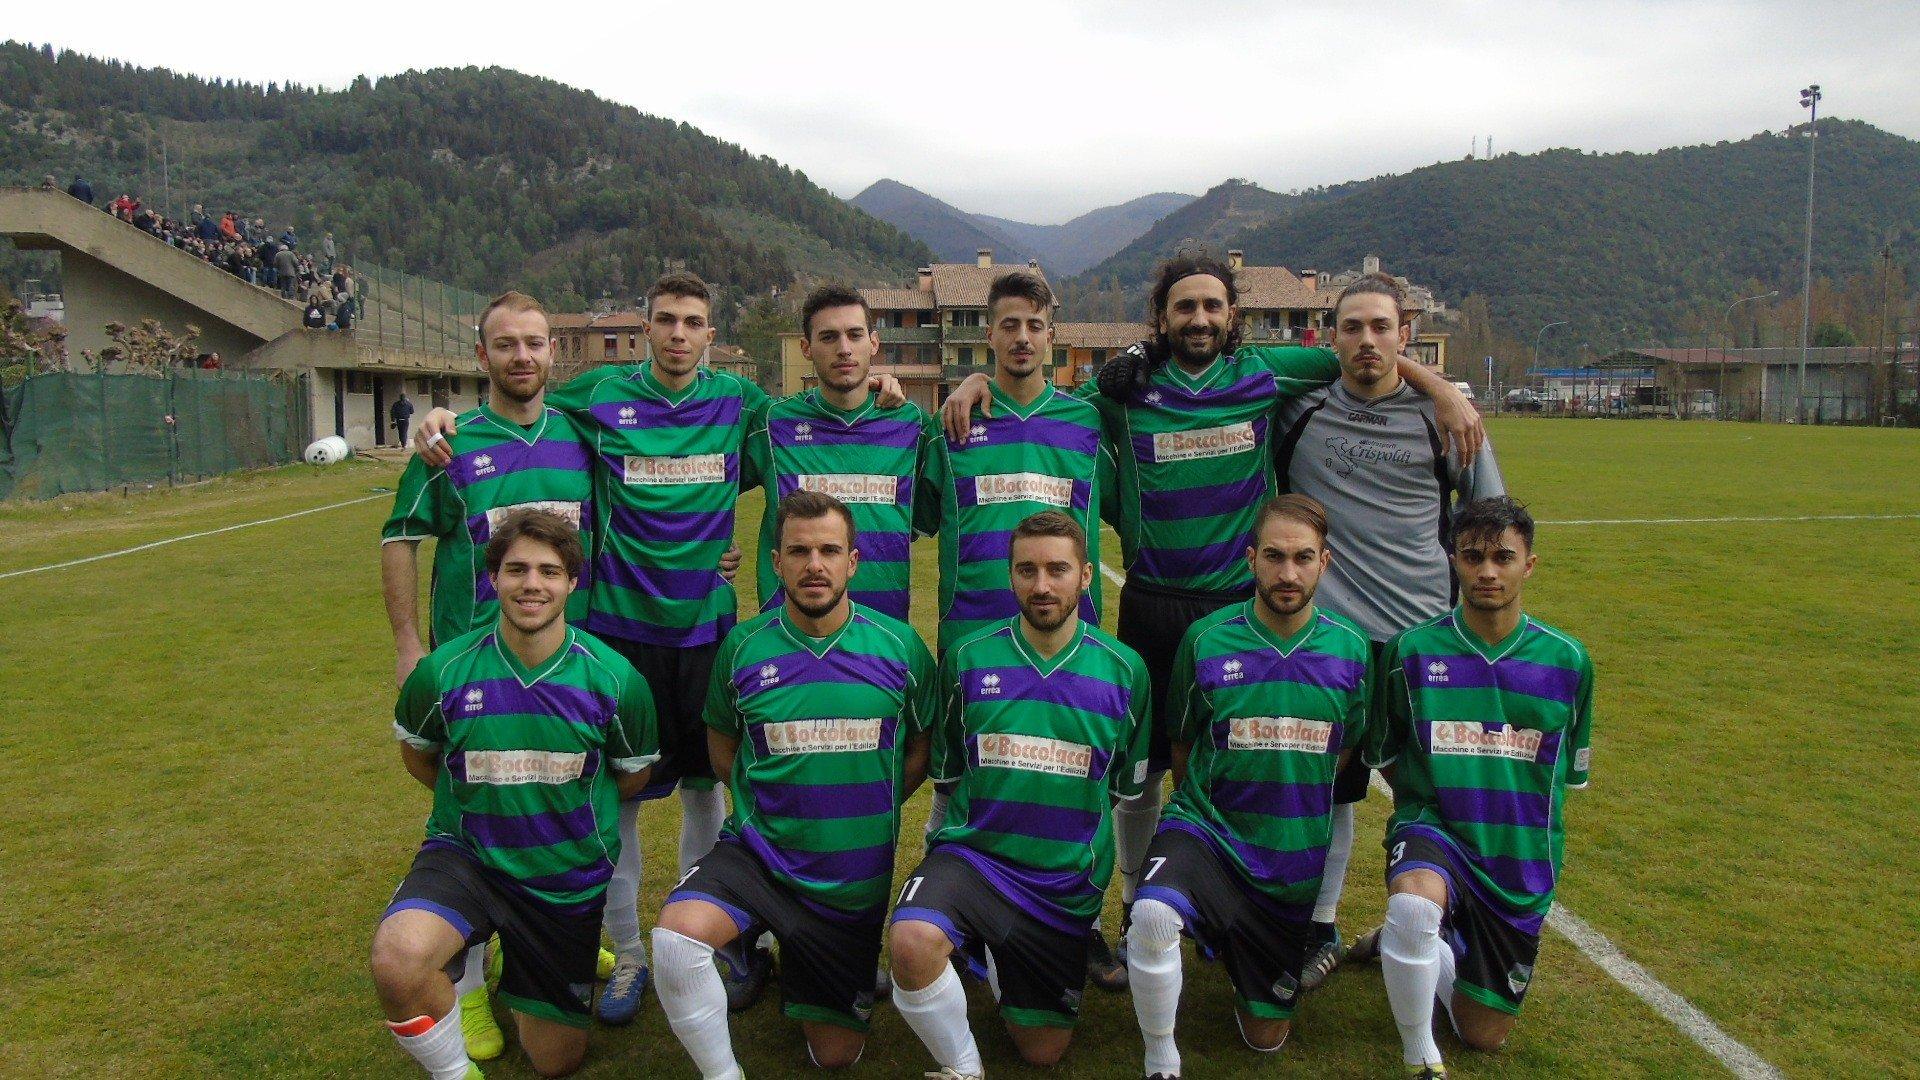 montefranco promozione umbria girone b